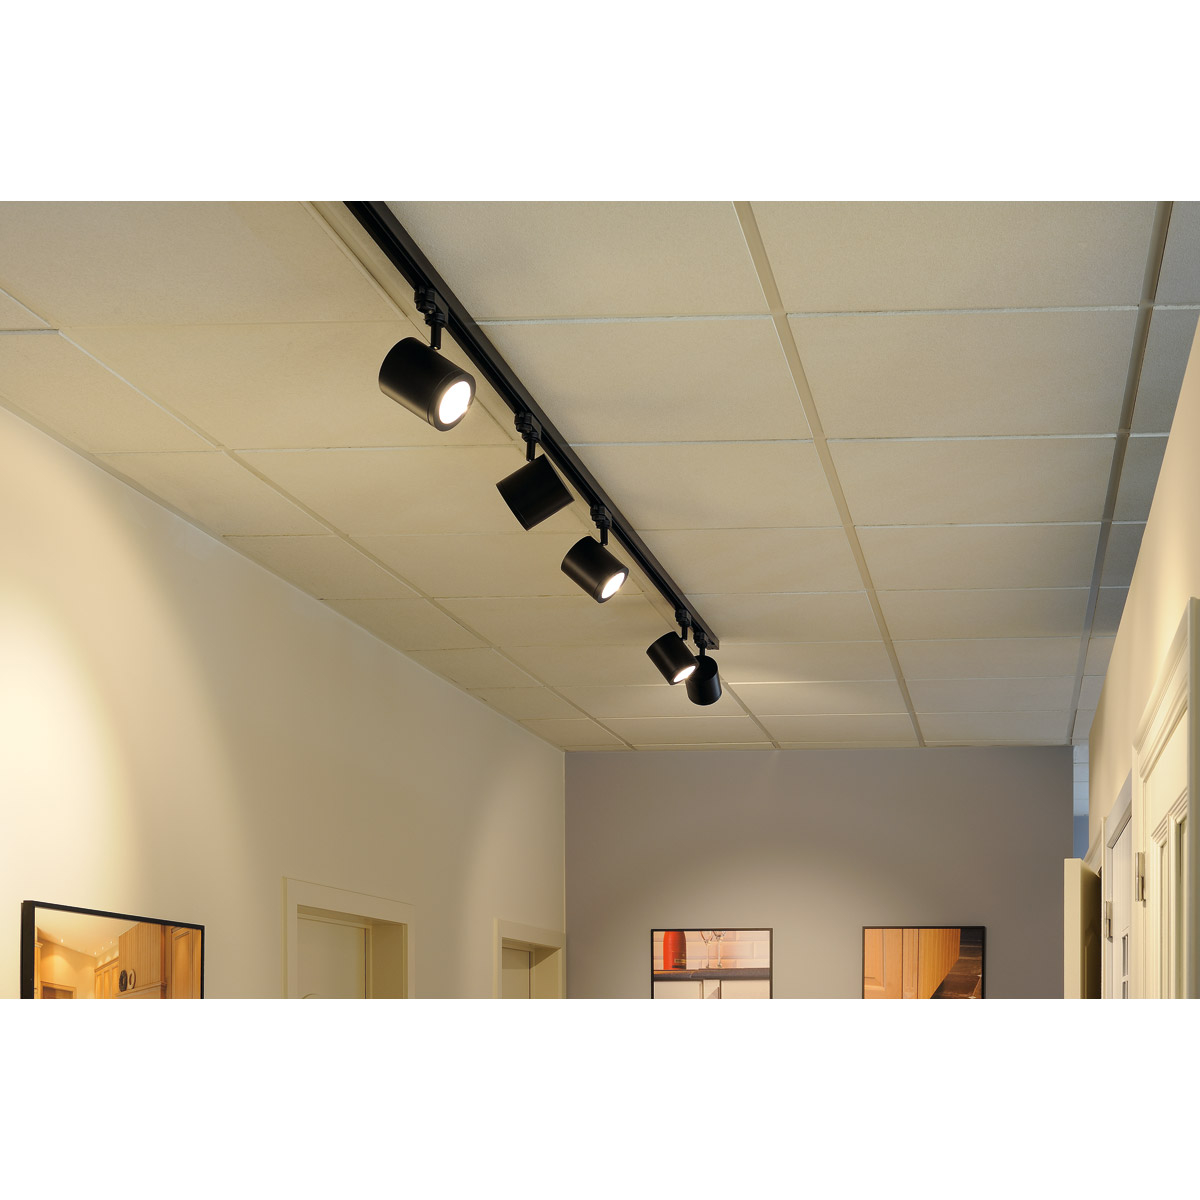 LED-kohdevaloilla kodin yksityiskohdat kauniisti esiin